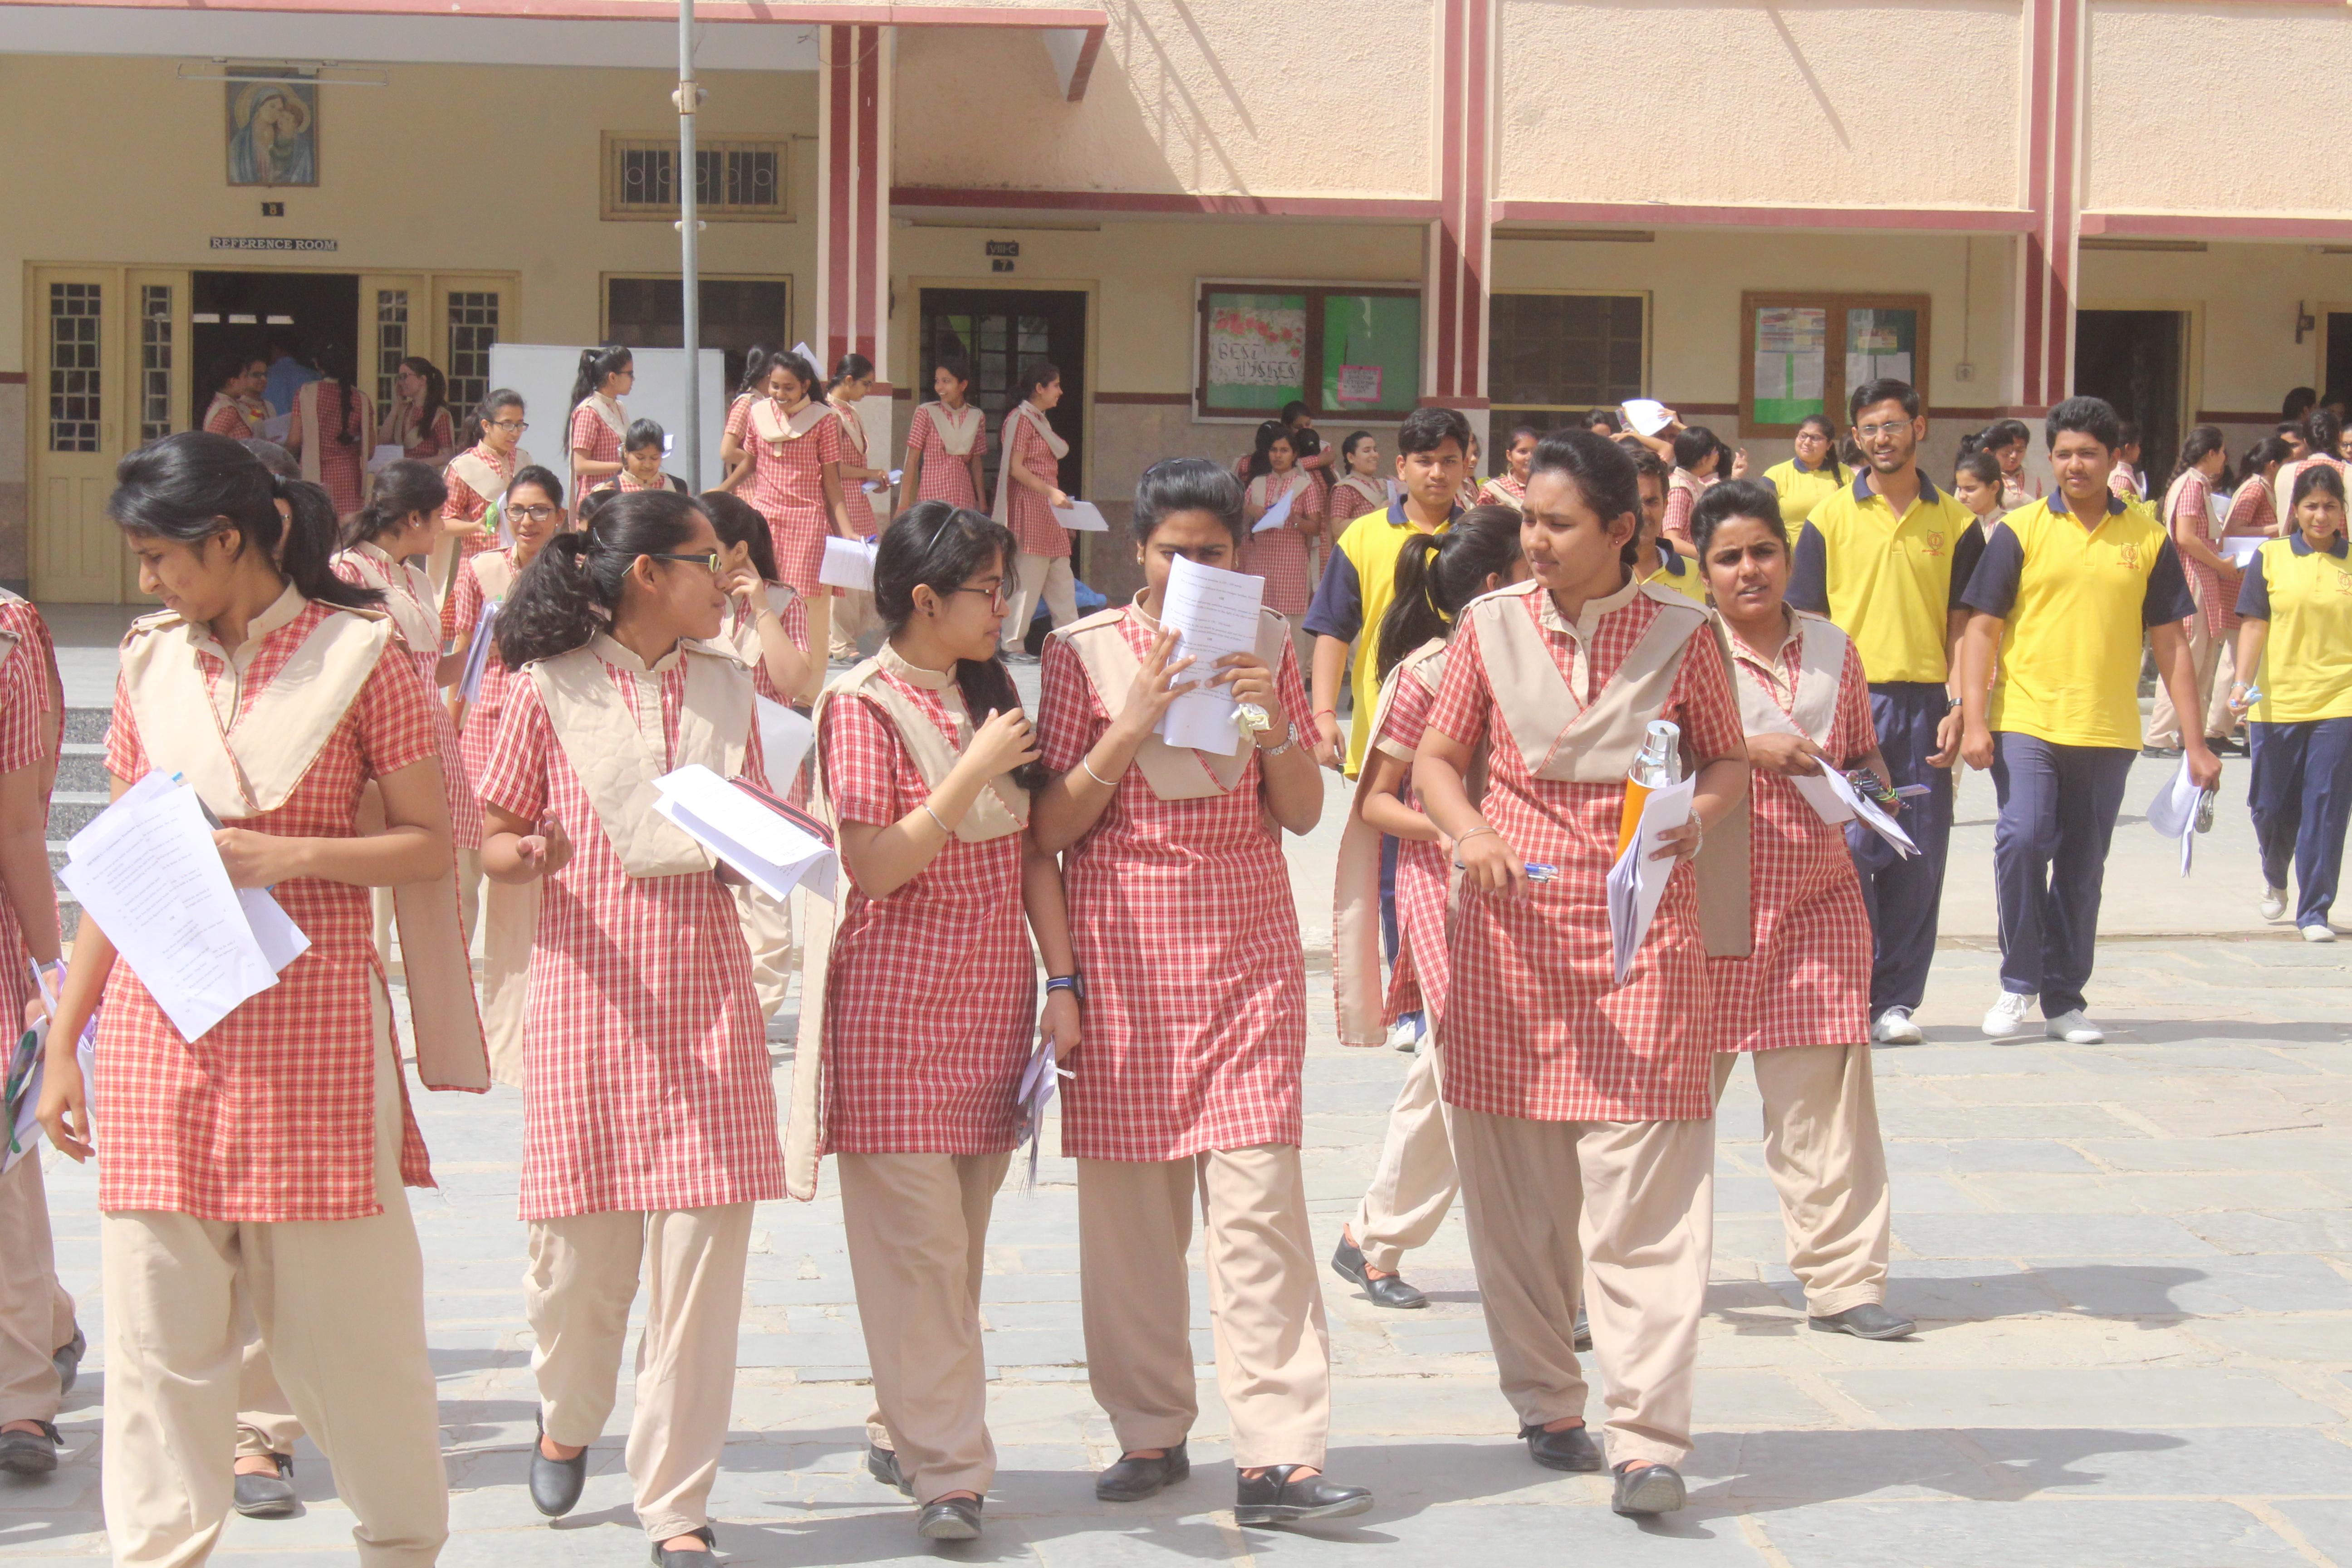 दसवीं और आठवीं बोर्ड में बैठेंगे 24 लाख स्टूडेंट्स, राजस्थान में होगी सबसे बड़ी परीक्षा